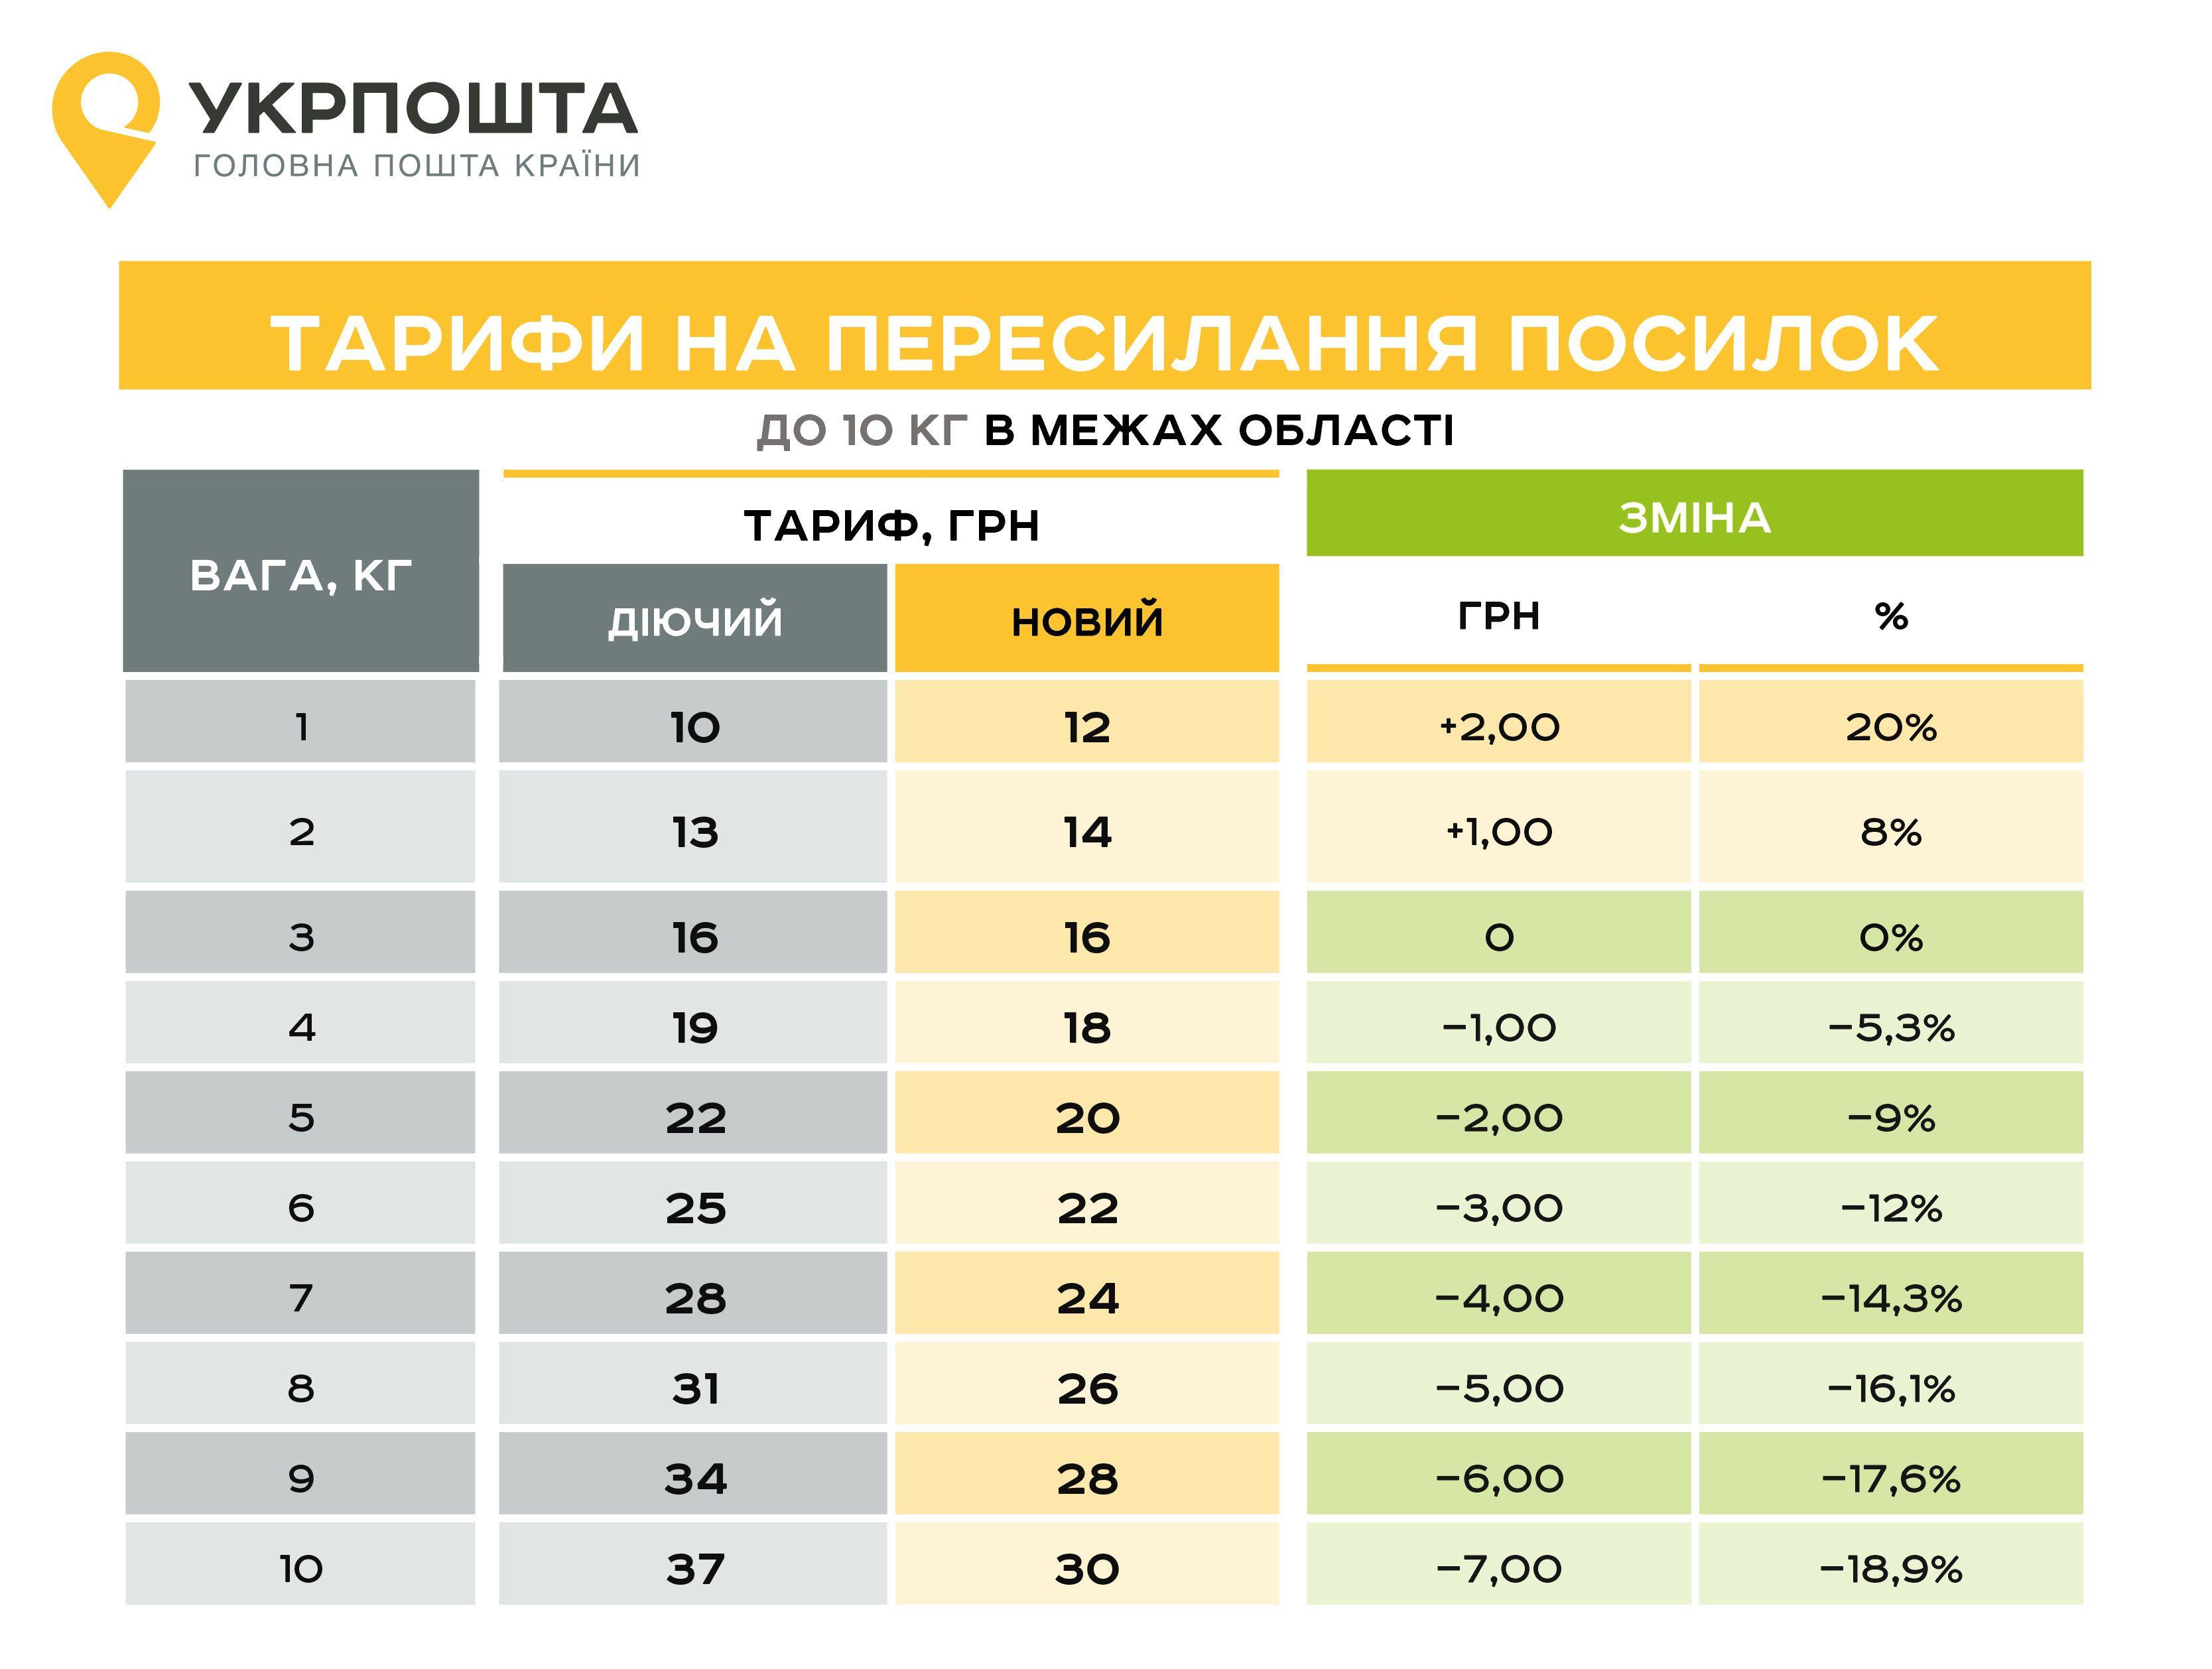 Тарифы в пределах области до 10 кг